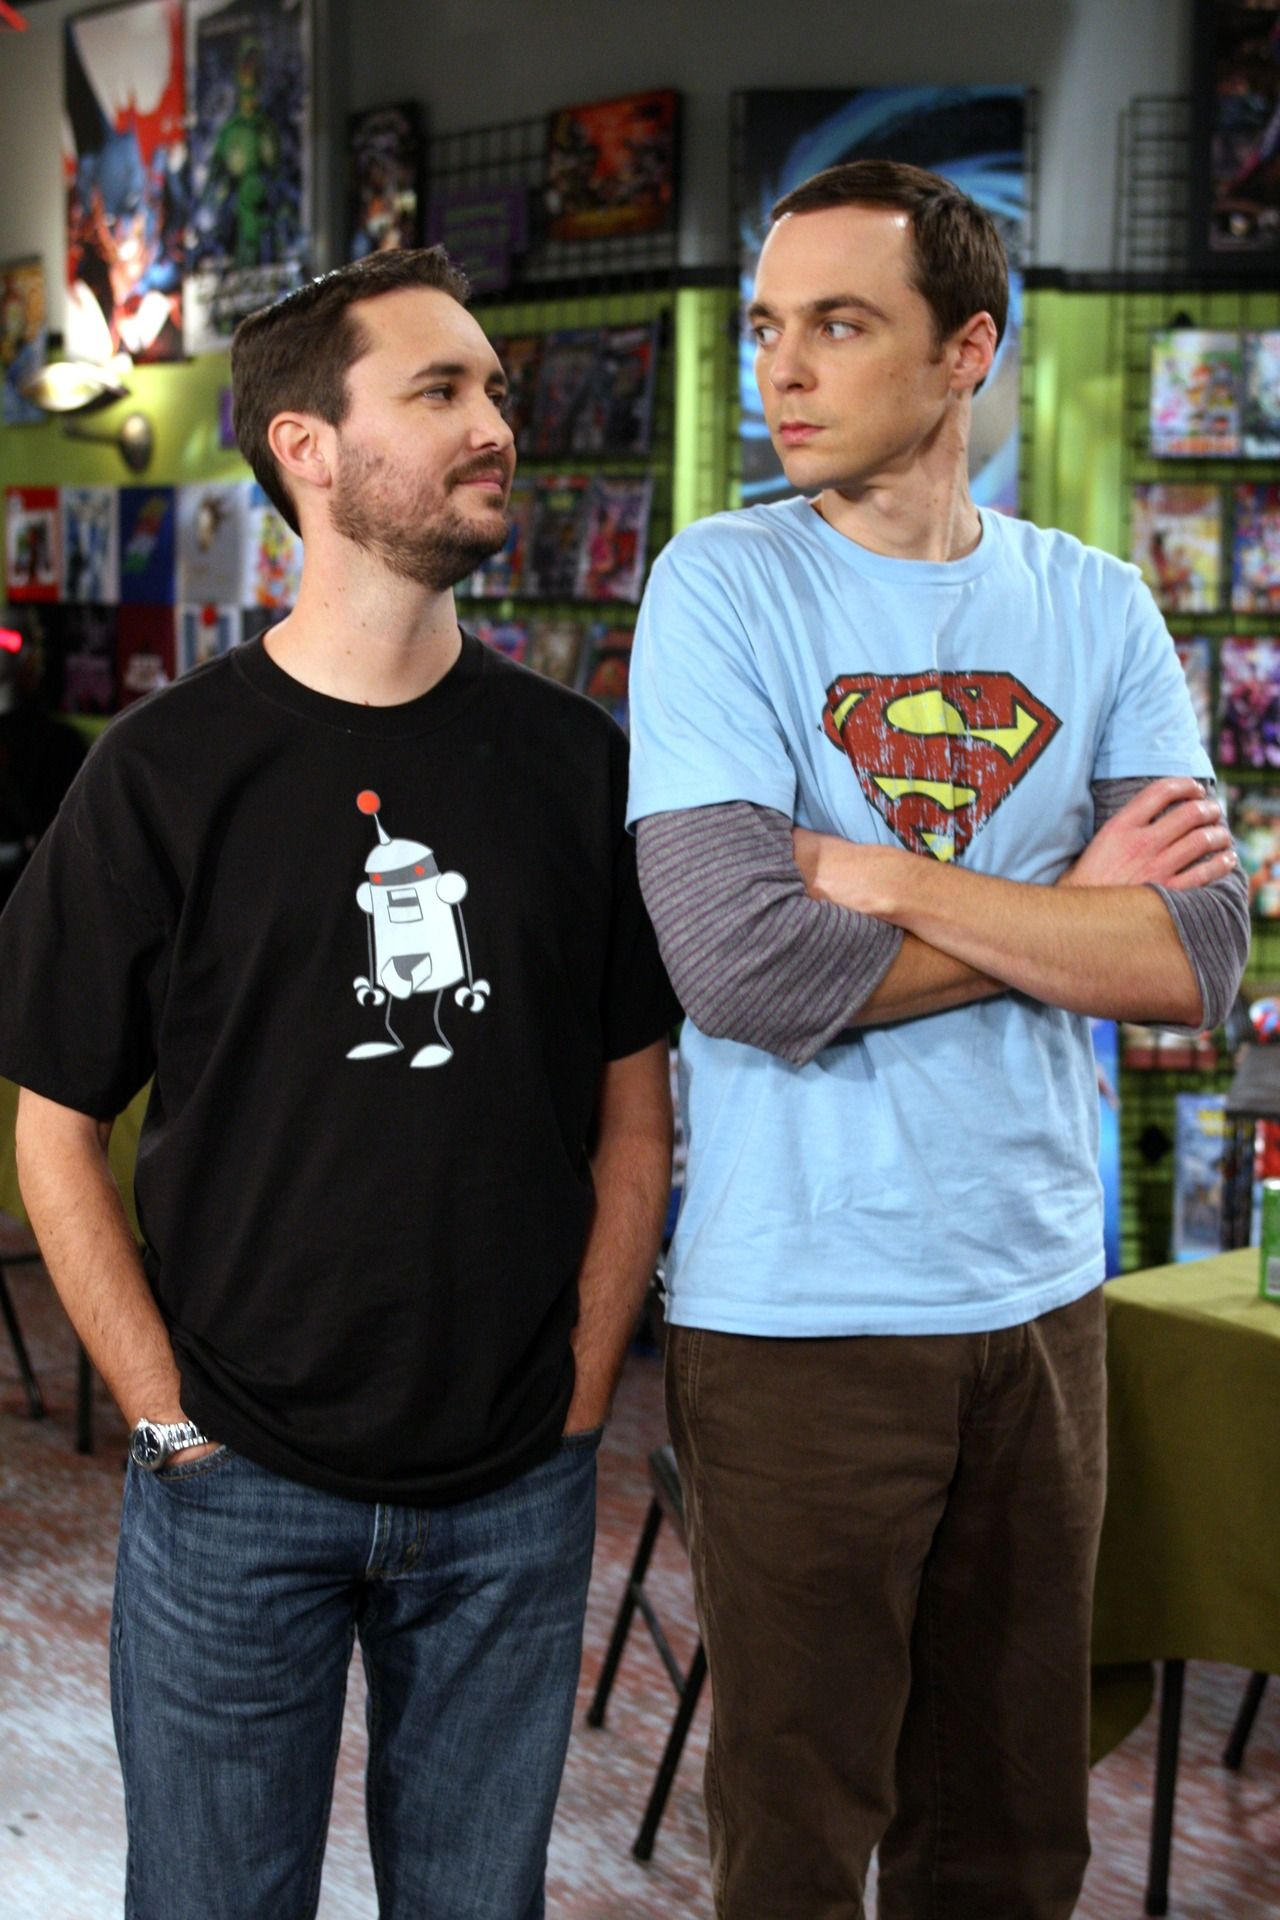 248c66e590e9c43e26fc0e50e6c36943 25 Things You Never Knew About The Big Bang Theory